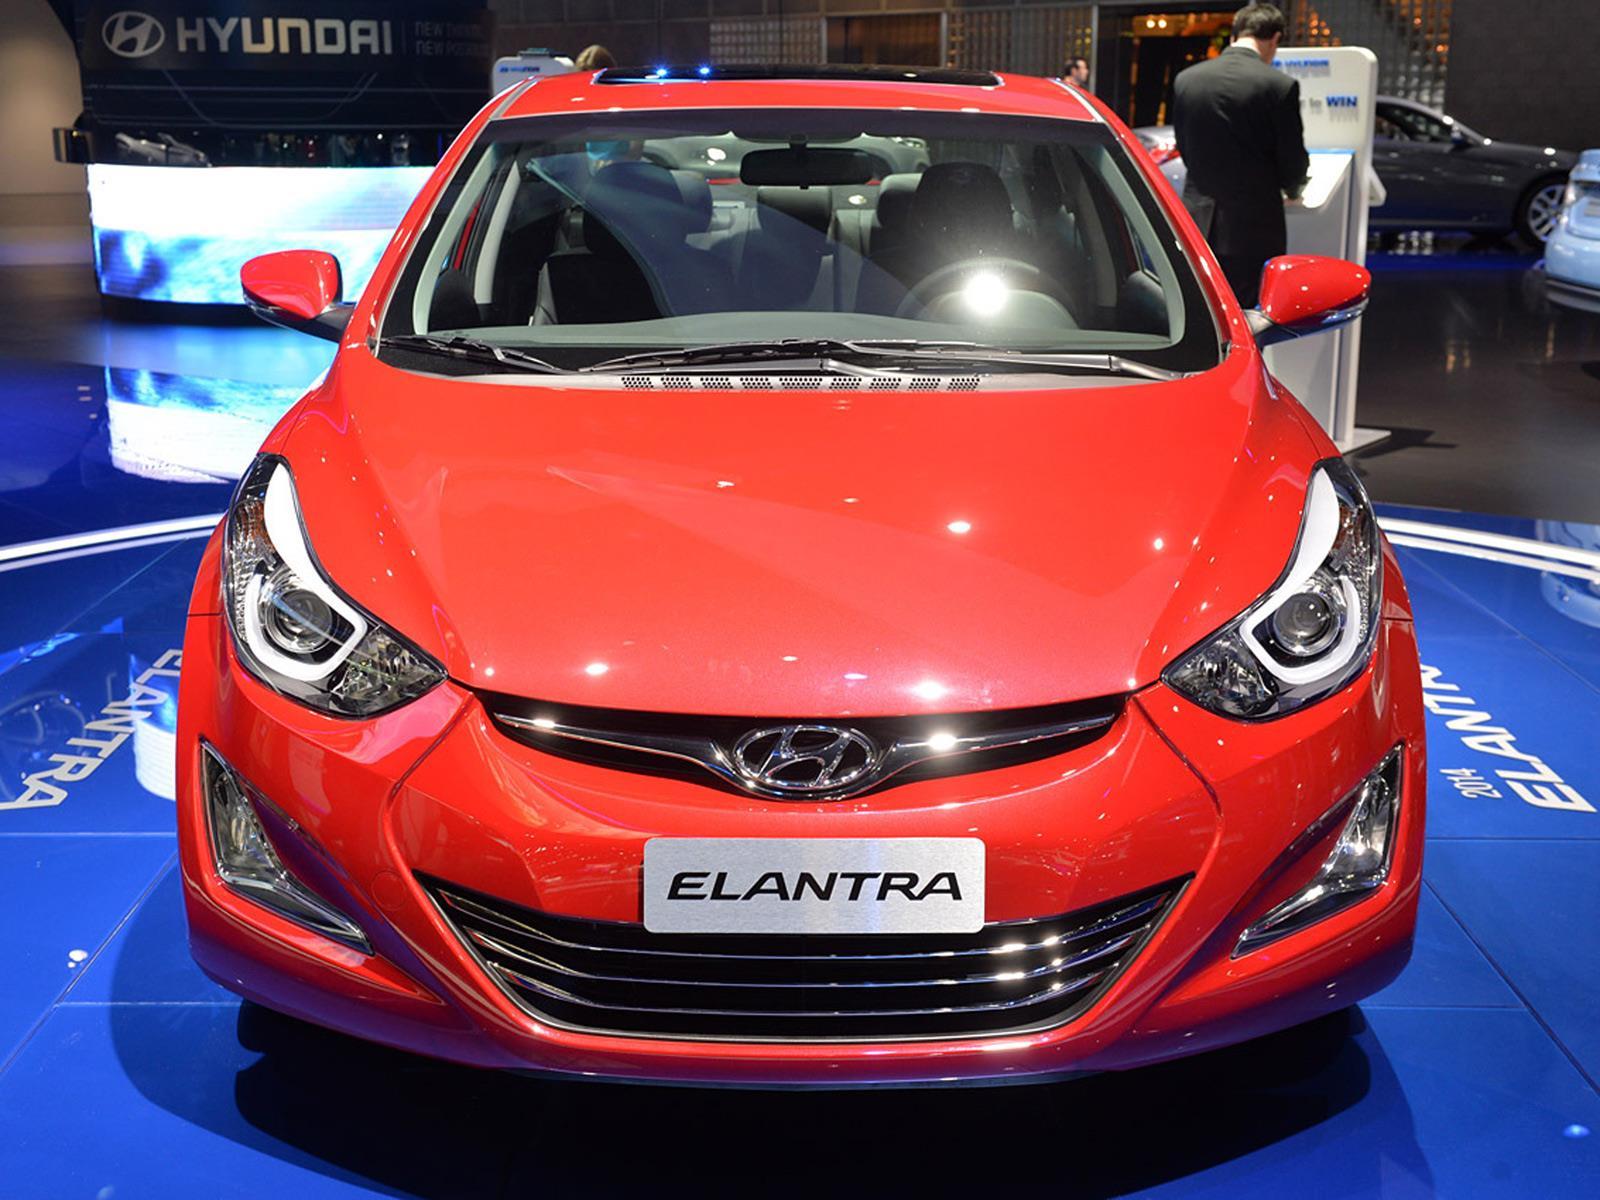 Hyundai Elantra 2016: Primeros antecedentes. - Autocosmos.com